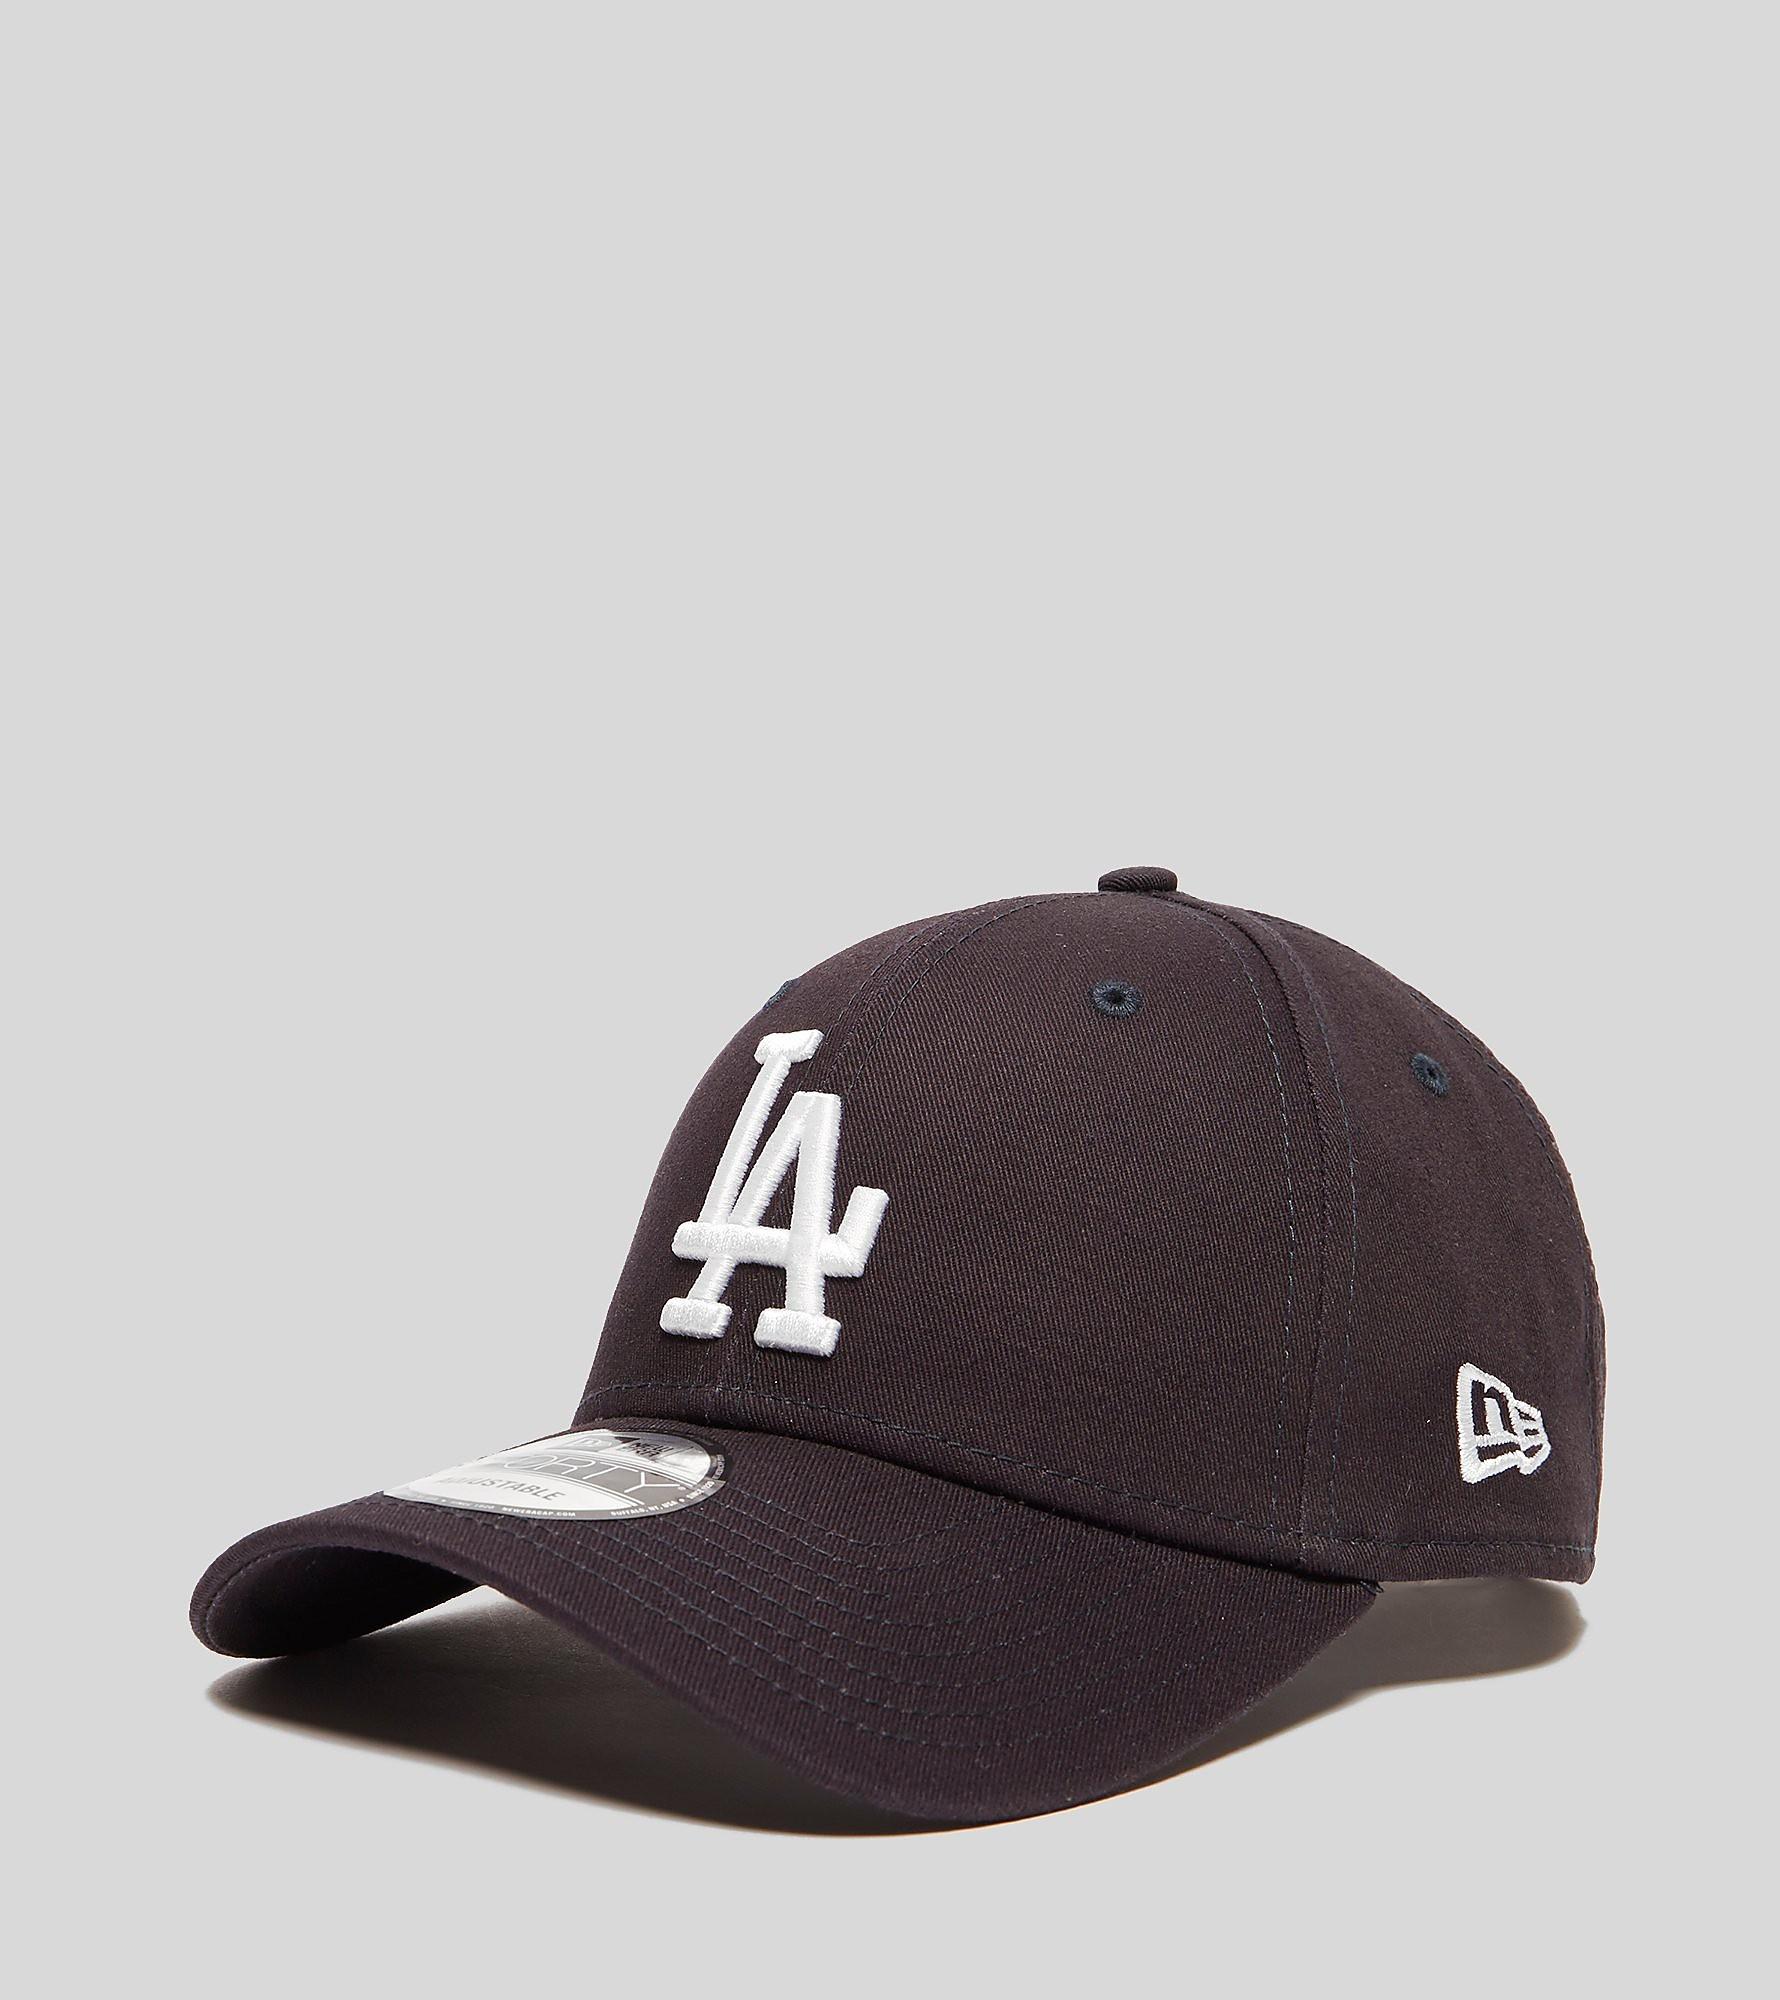 New Era LA Cap